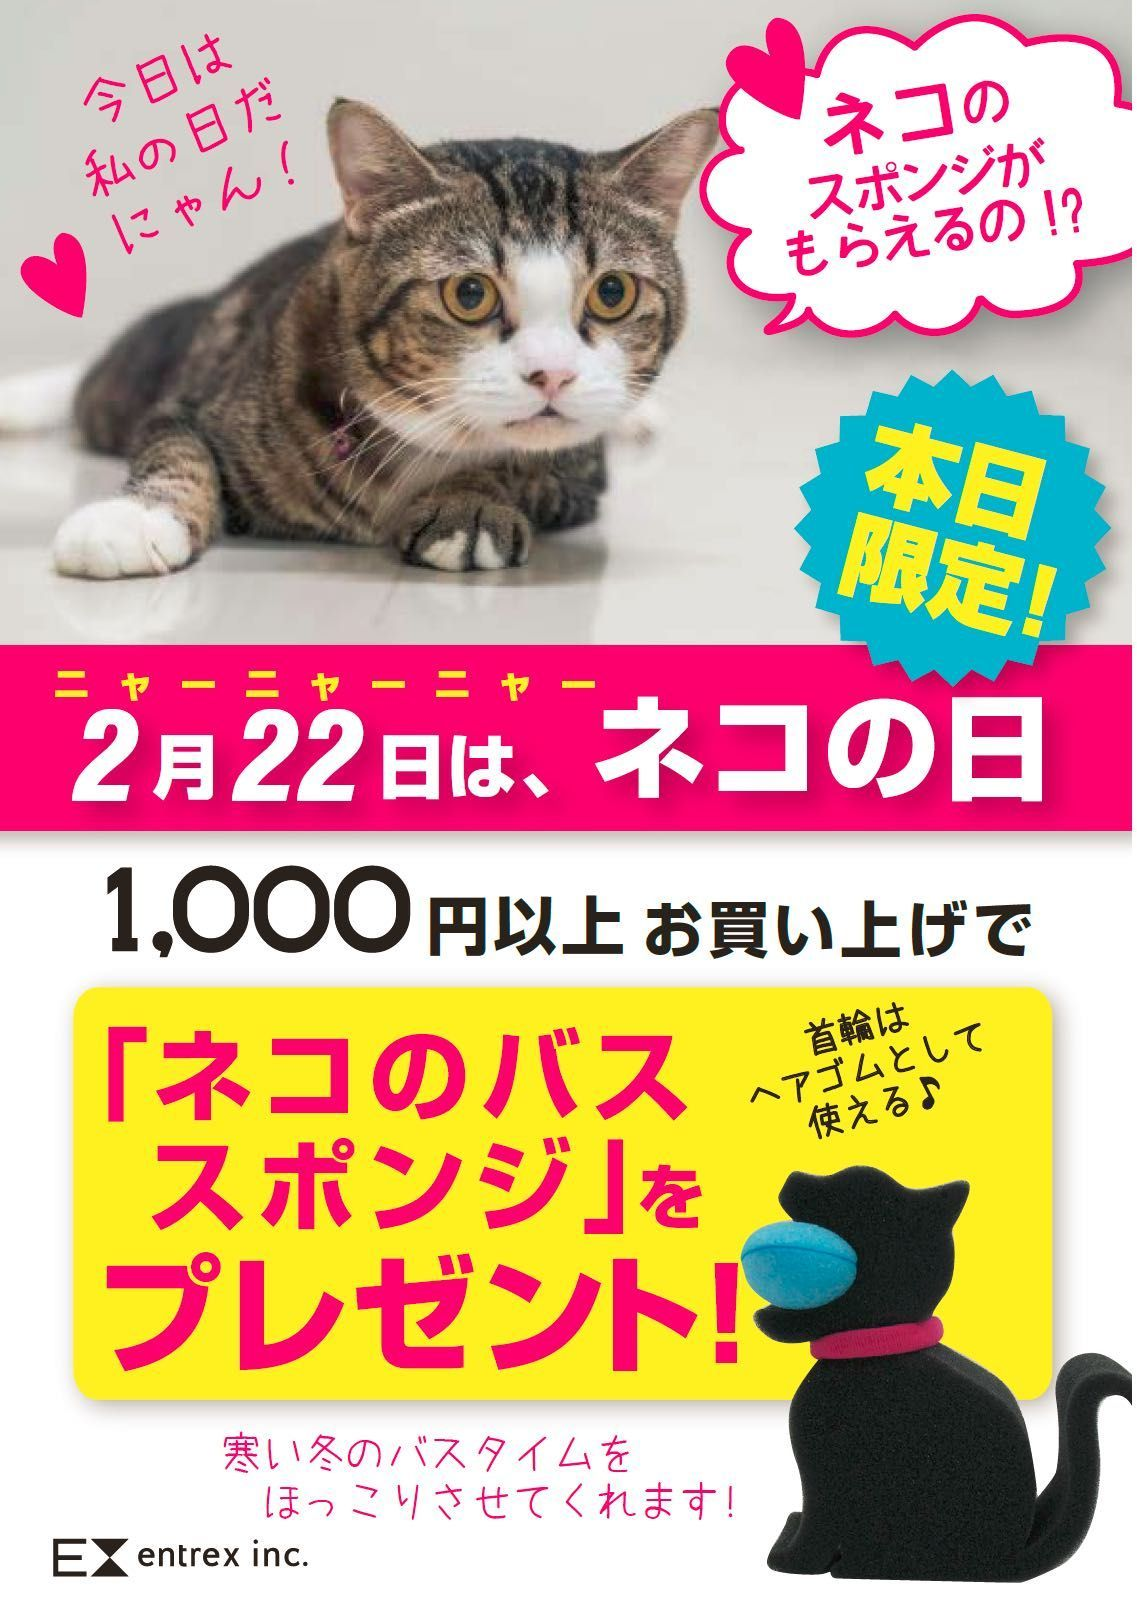 「スポンジプレゼント!【キャンペーン】」の写真